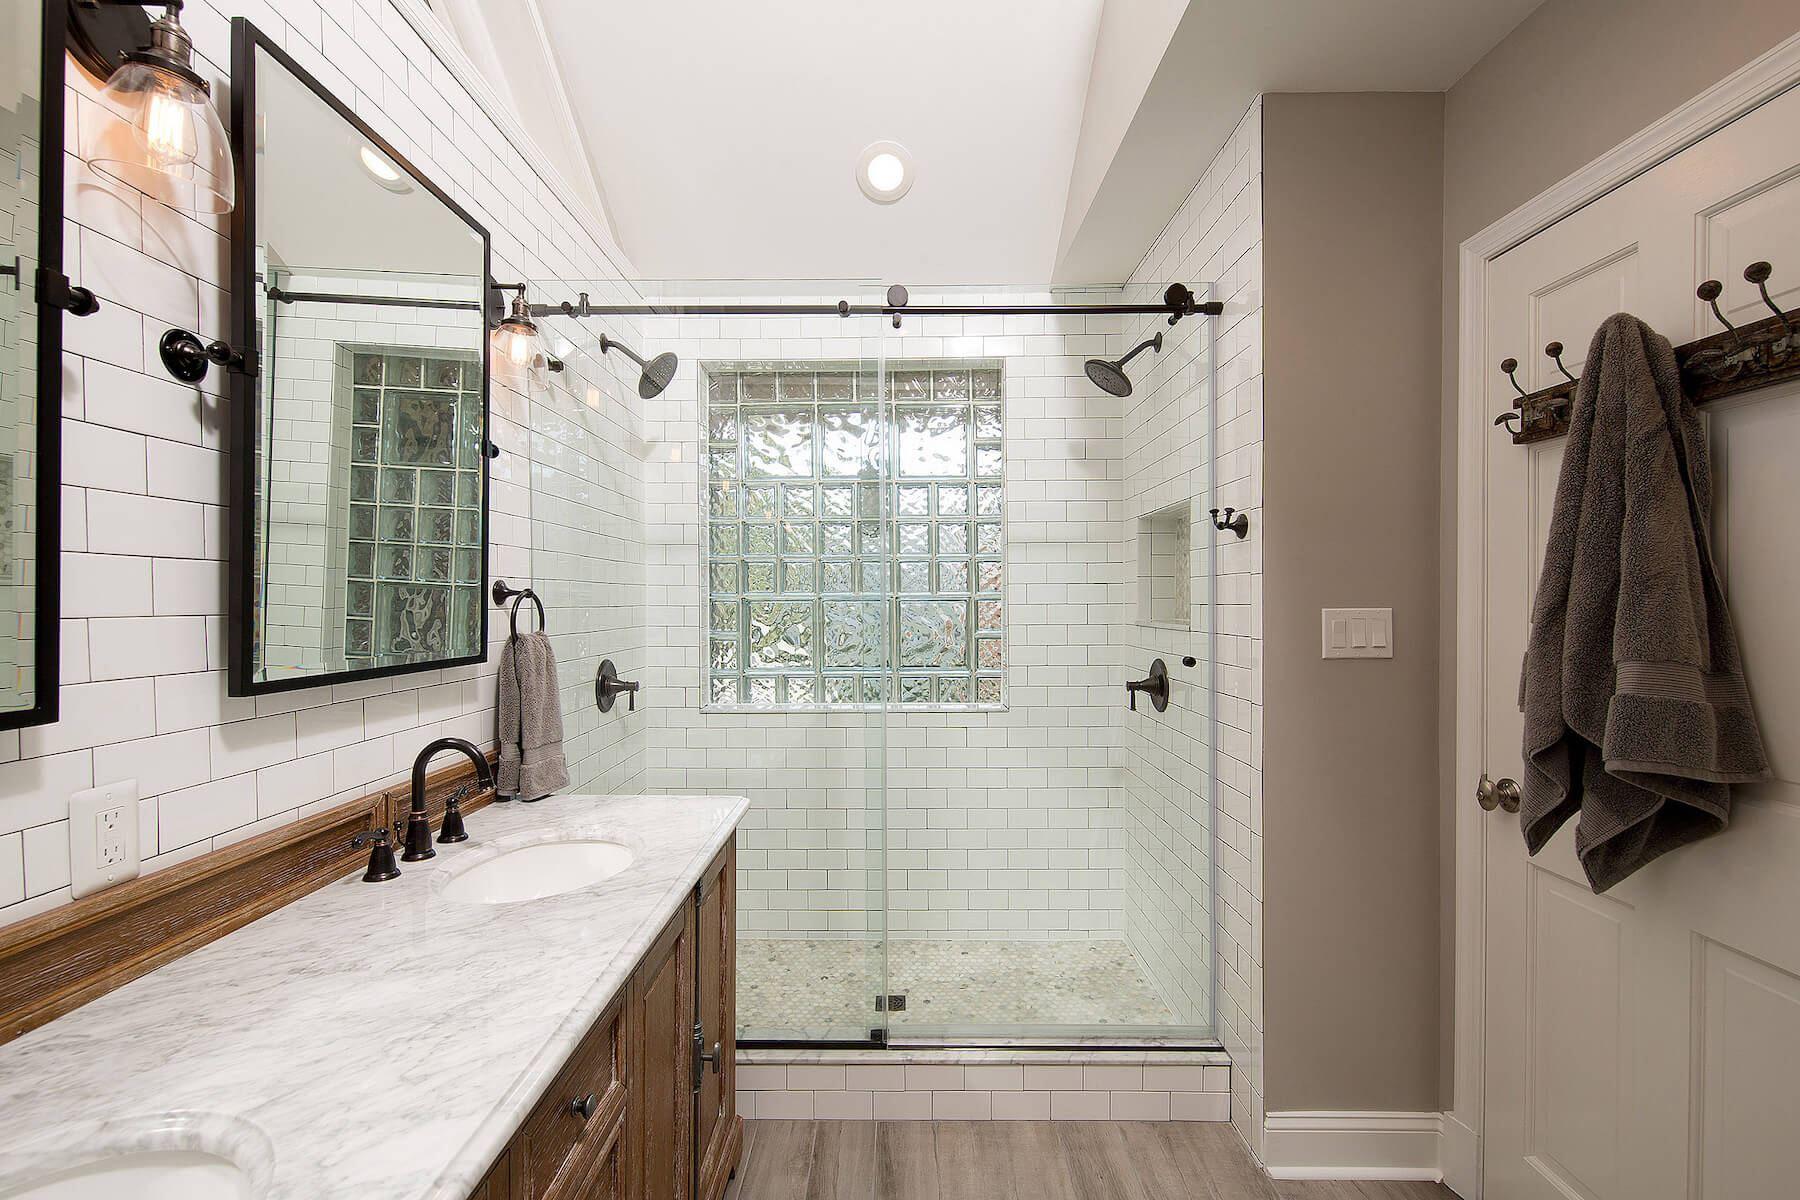 Bathroom9-21-17_540